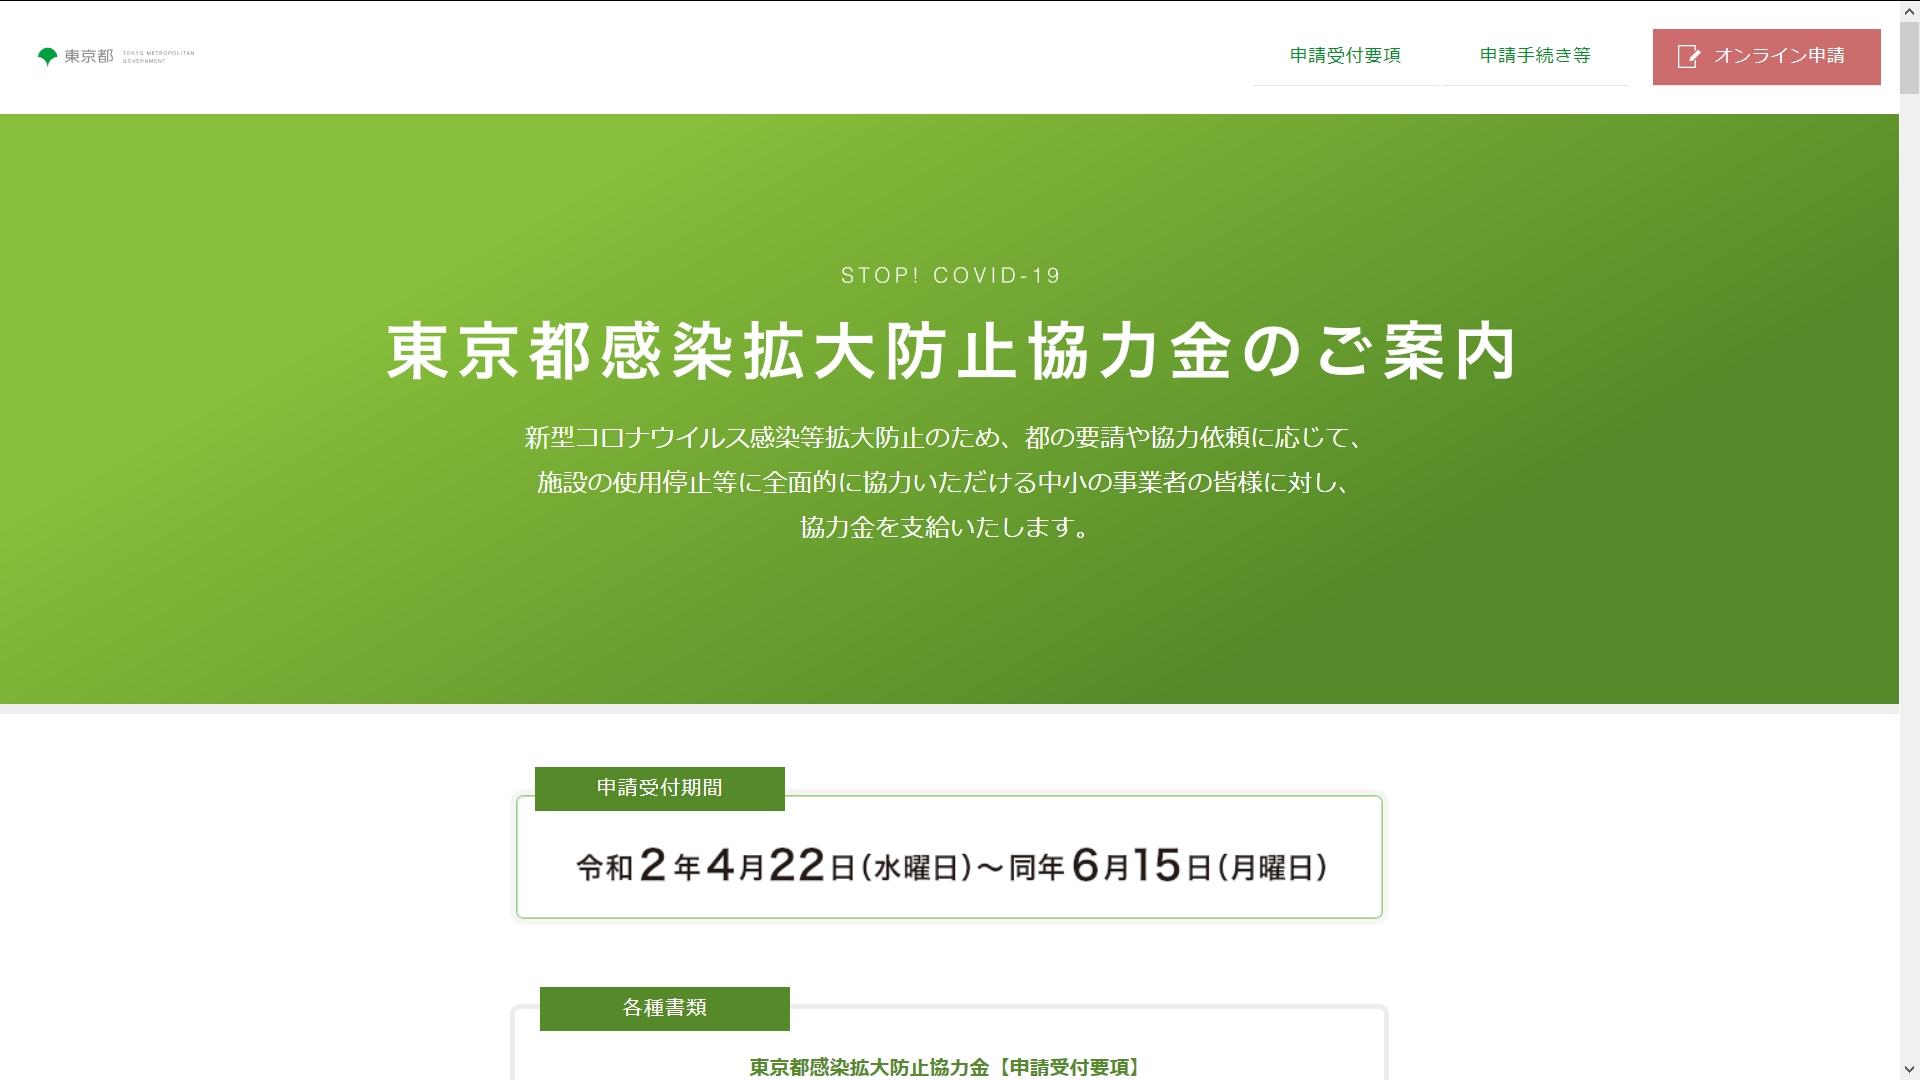 防止 専用 拡大 金 感染 ホームページ 協力